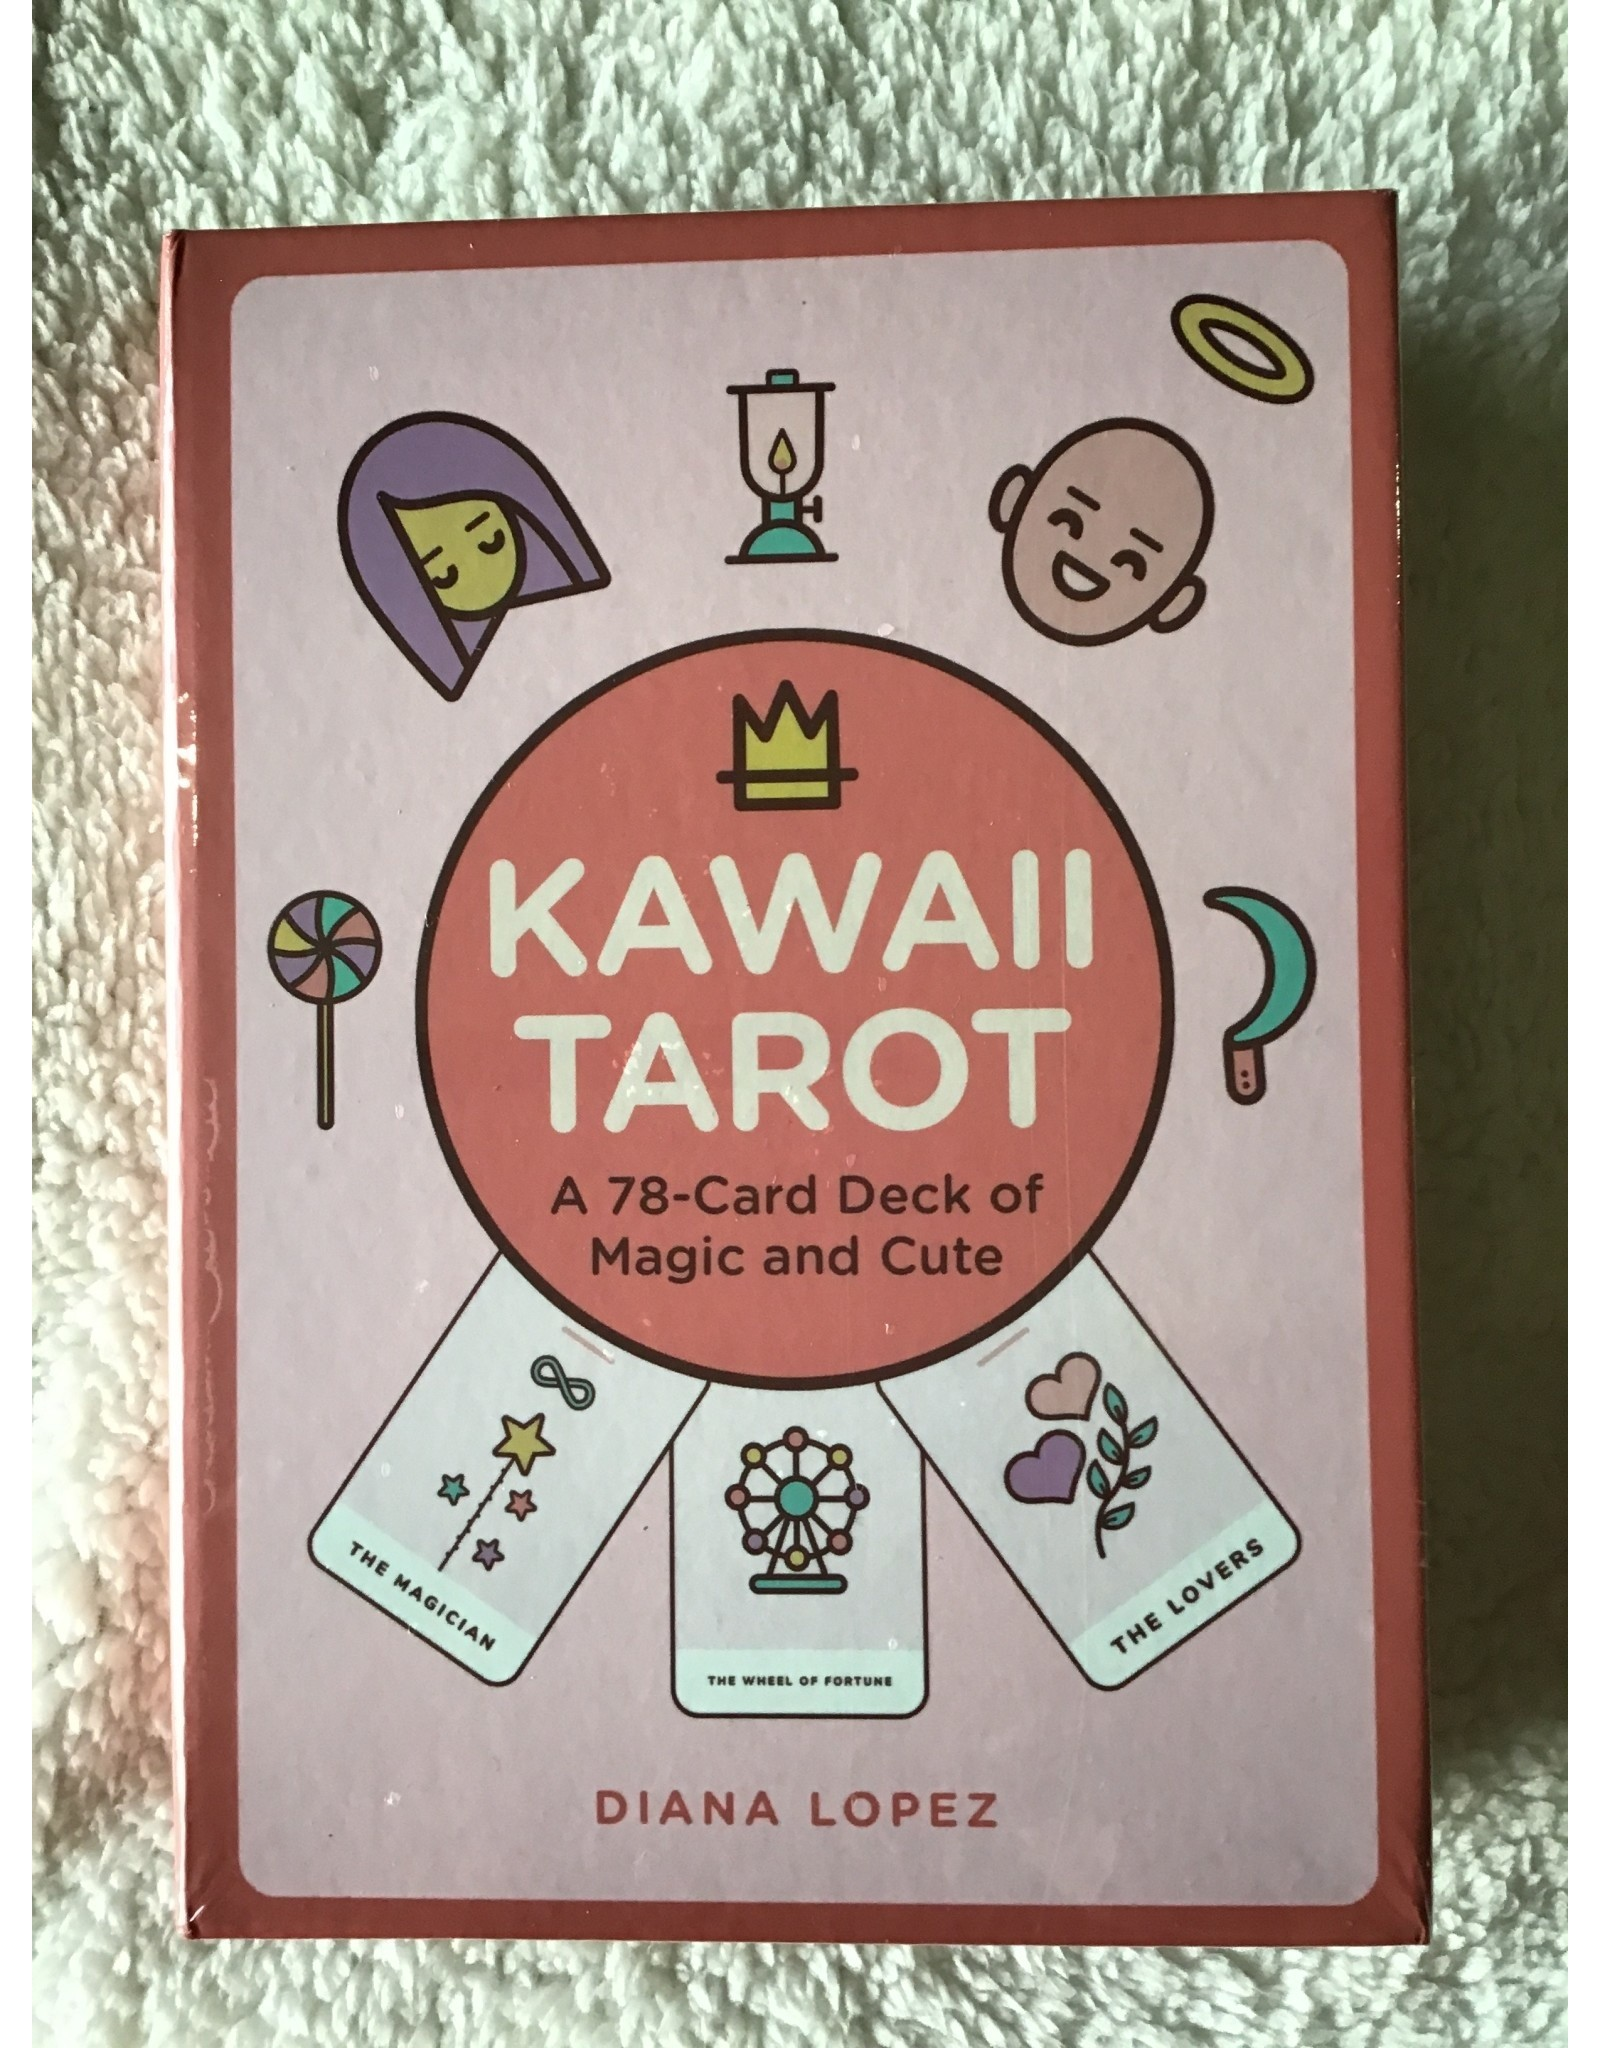 Kawaii Tarot